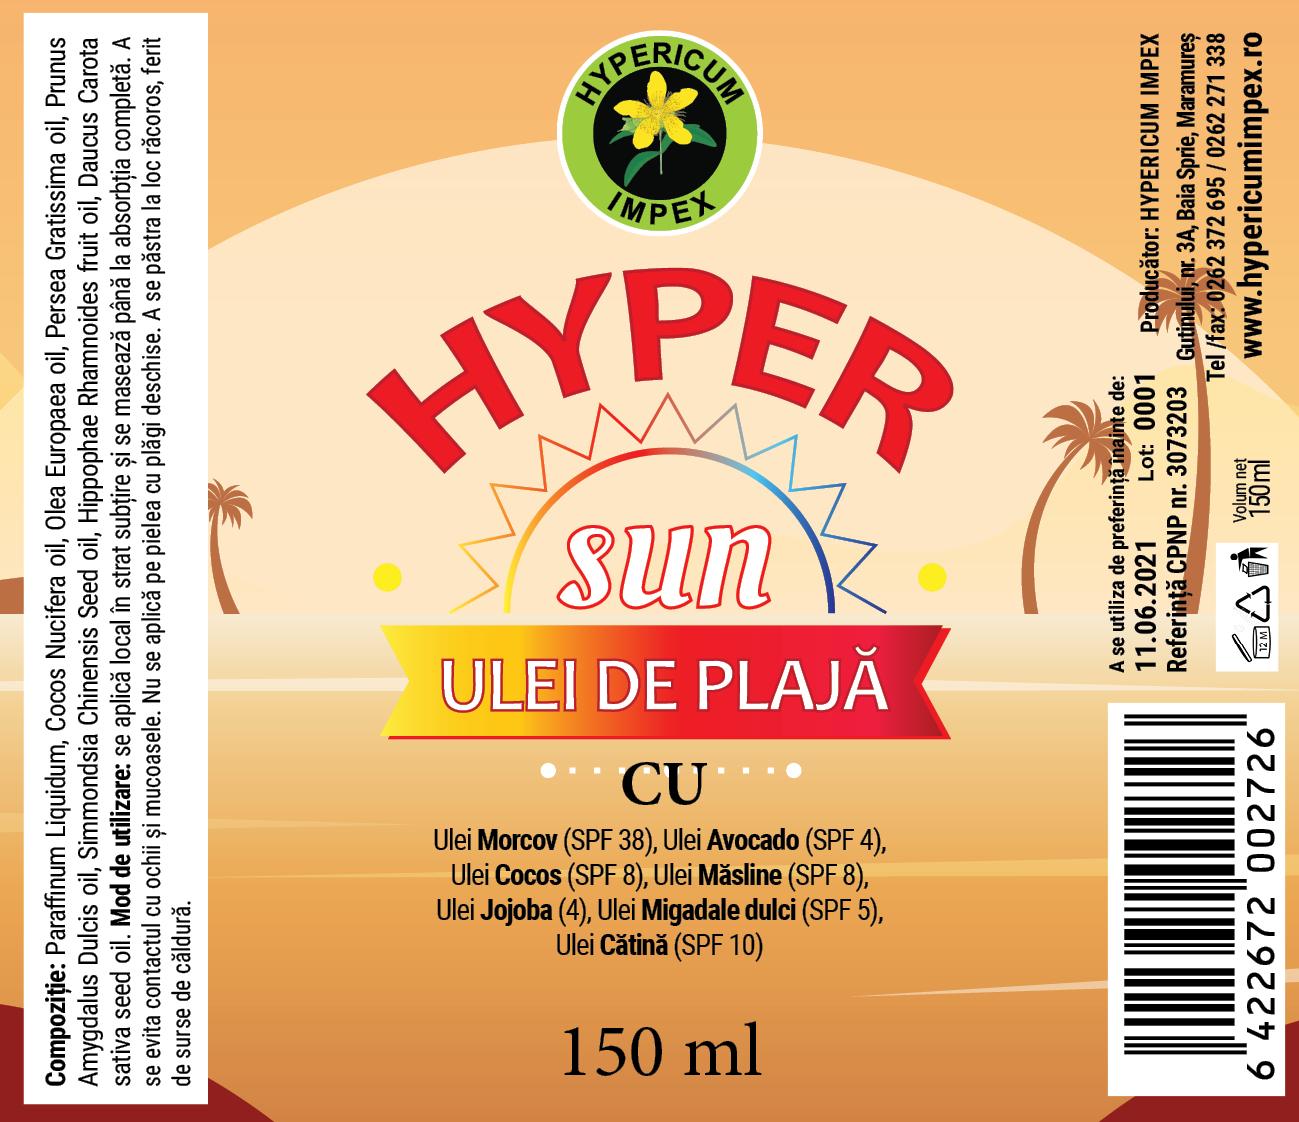 Eticheta Hyper SUN Ulei de plaja